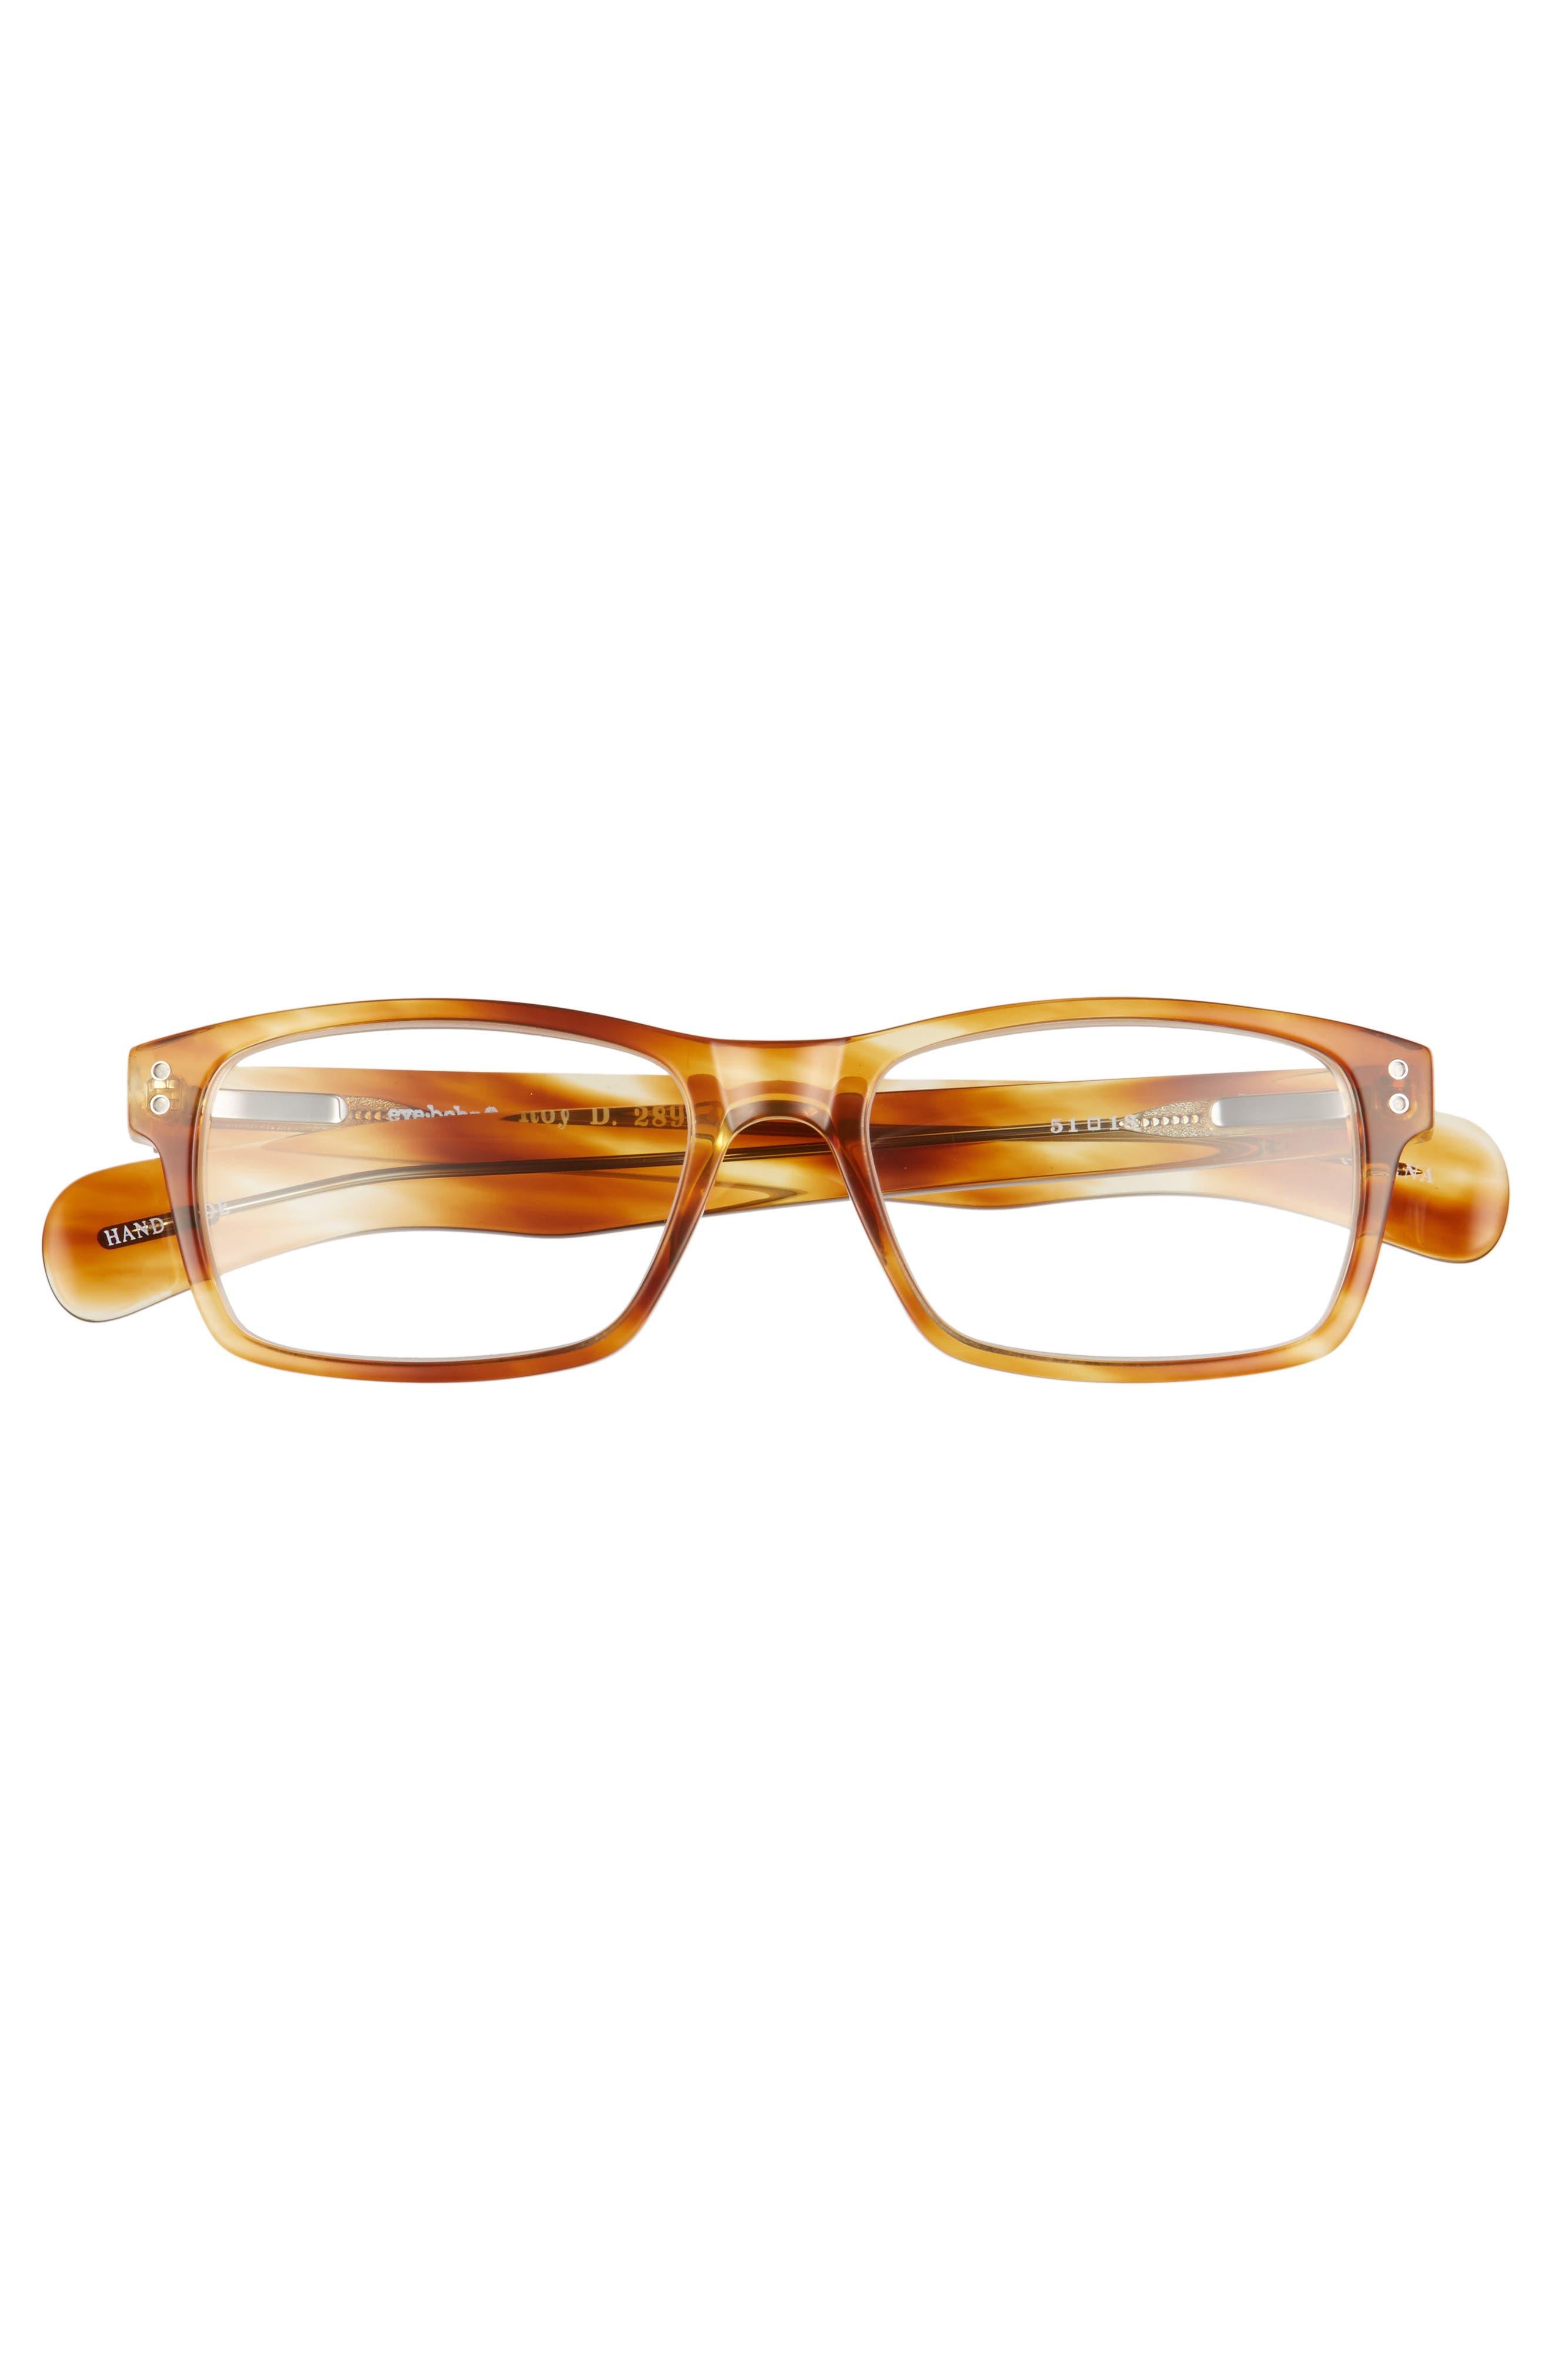 Roy D 51mm Reading Glasses,                             Alternate thumbnail 2, color,                             LIGHT TORTOISE